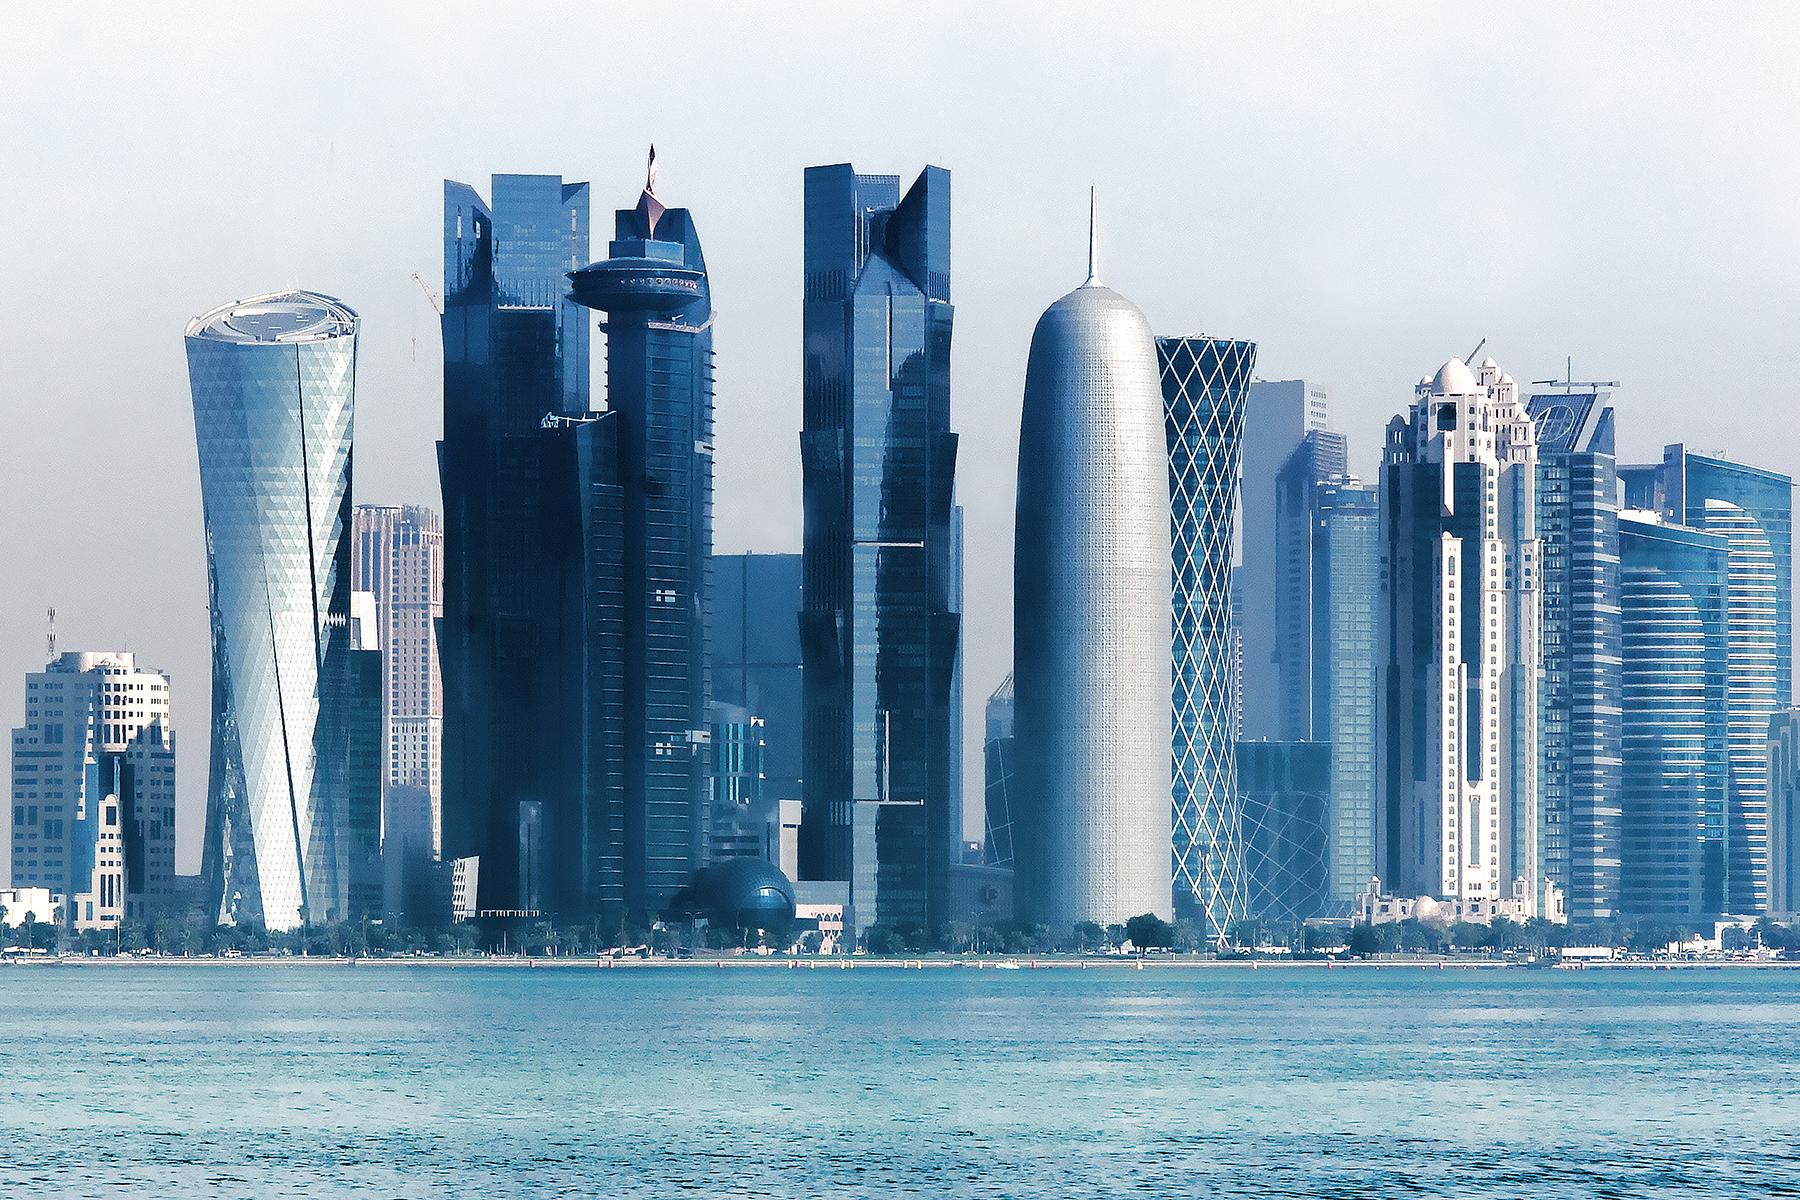 The Qatar Financial Centre (QFC)